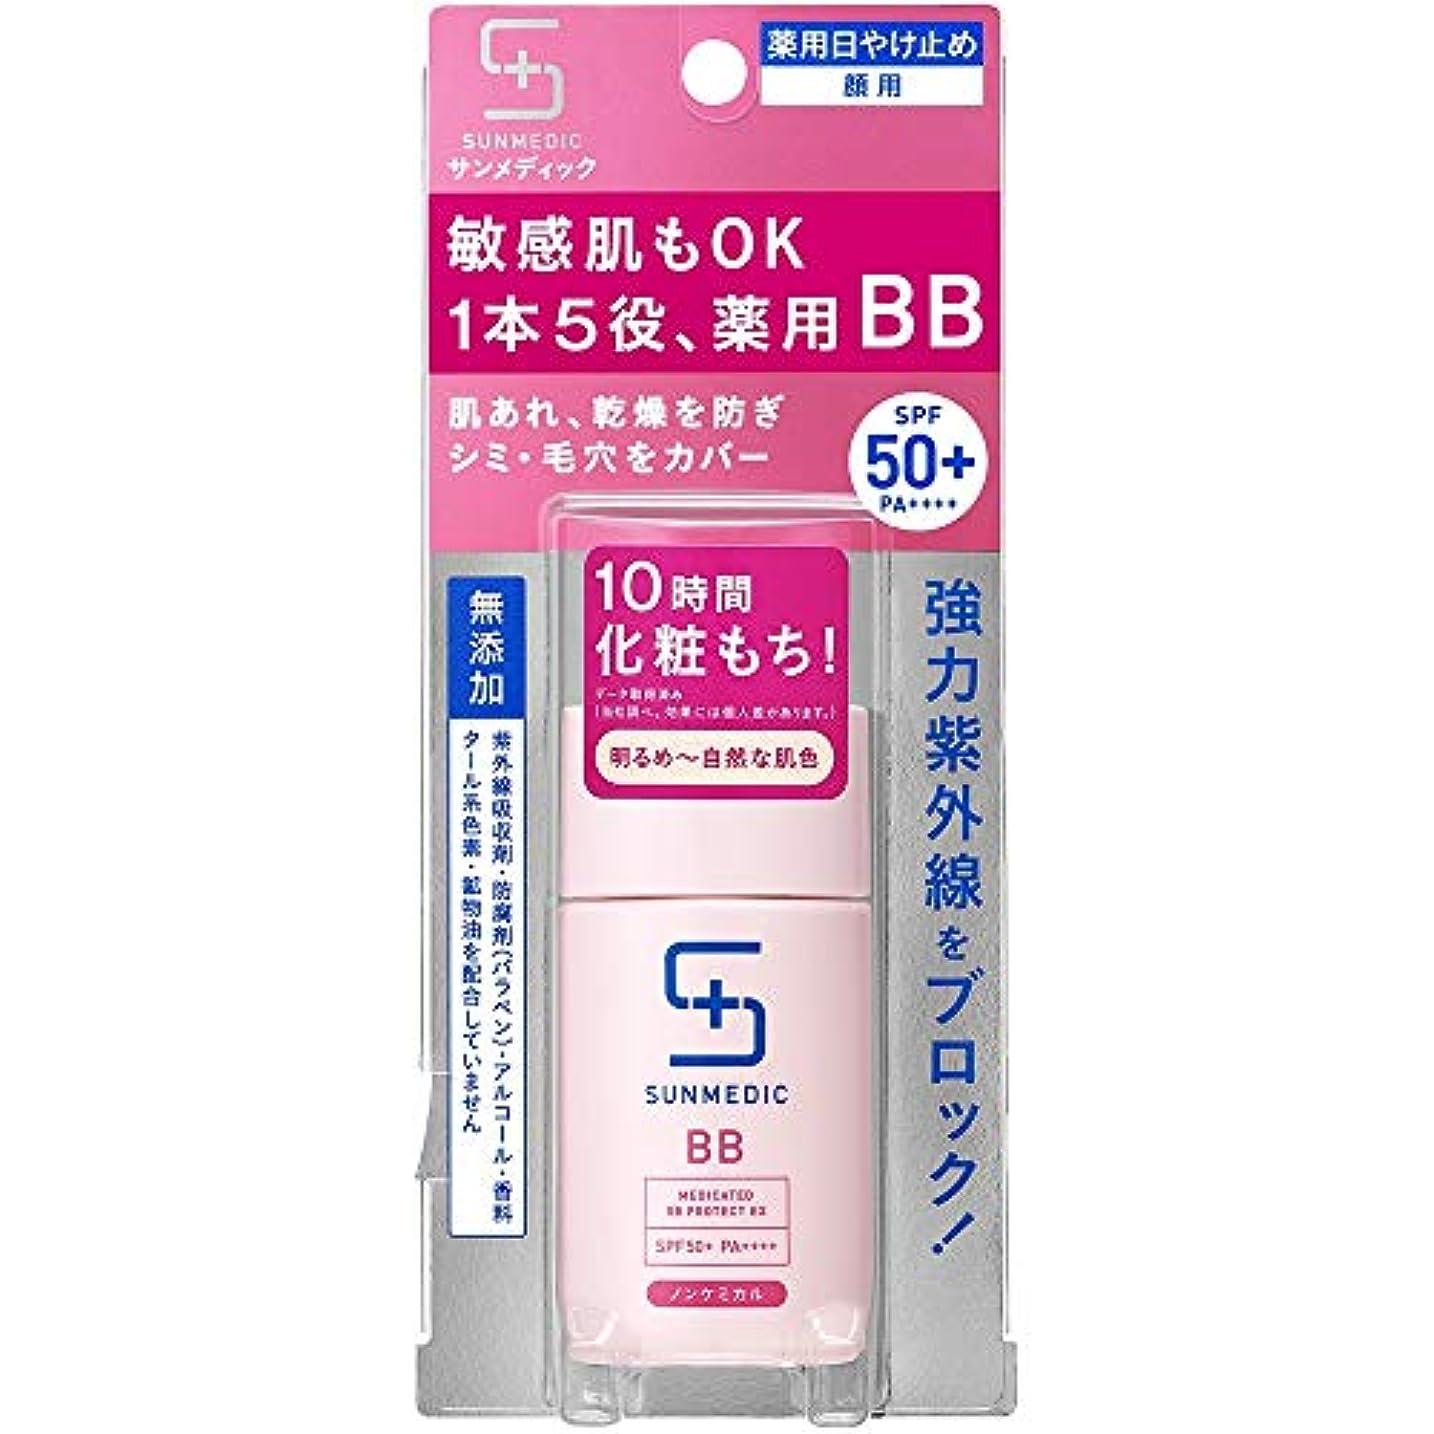 留め金実用的見落とすサンメディックUV 薬用BBプロテクトEX ライト 30ml (医薬部外品)